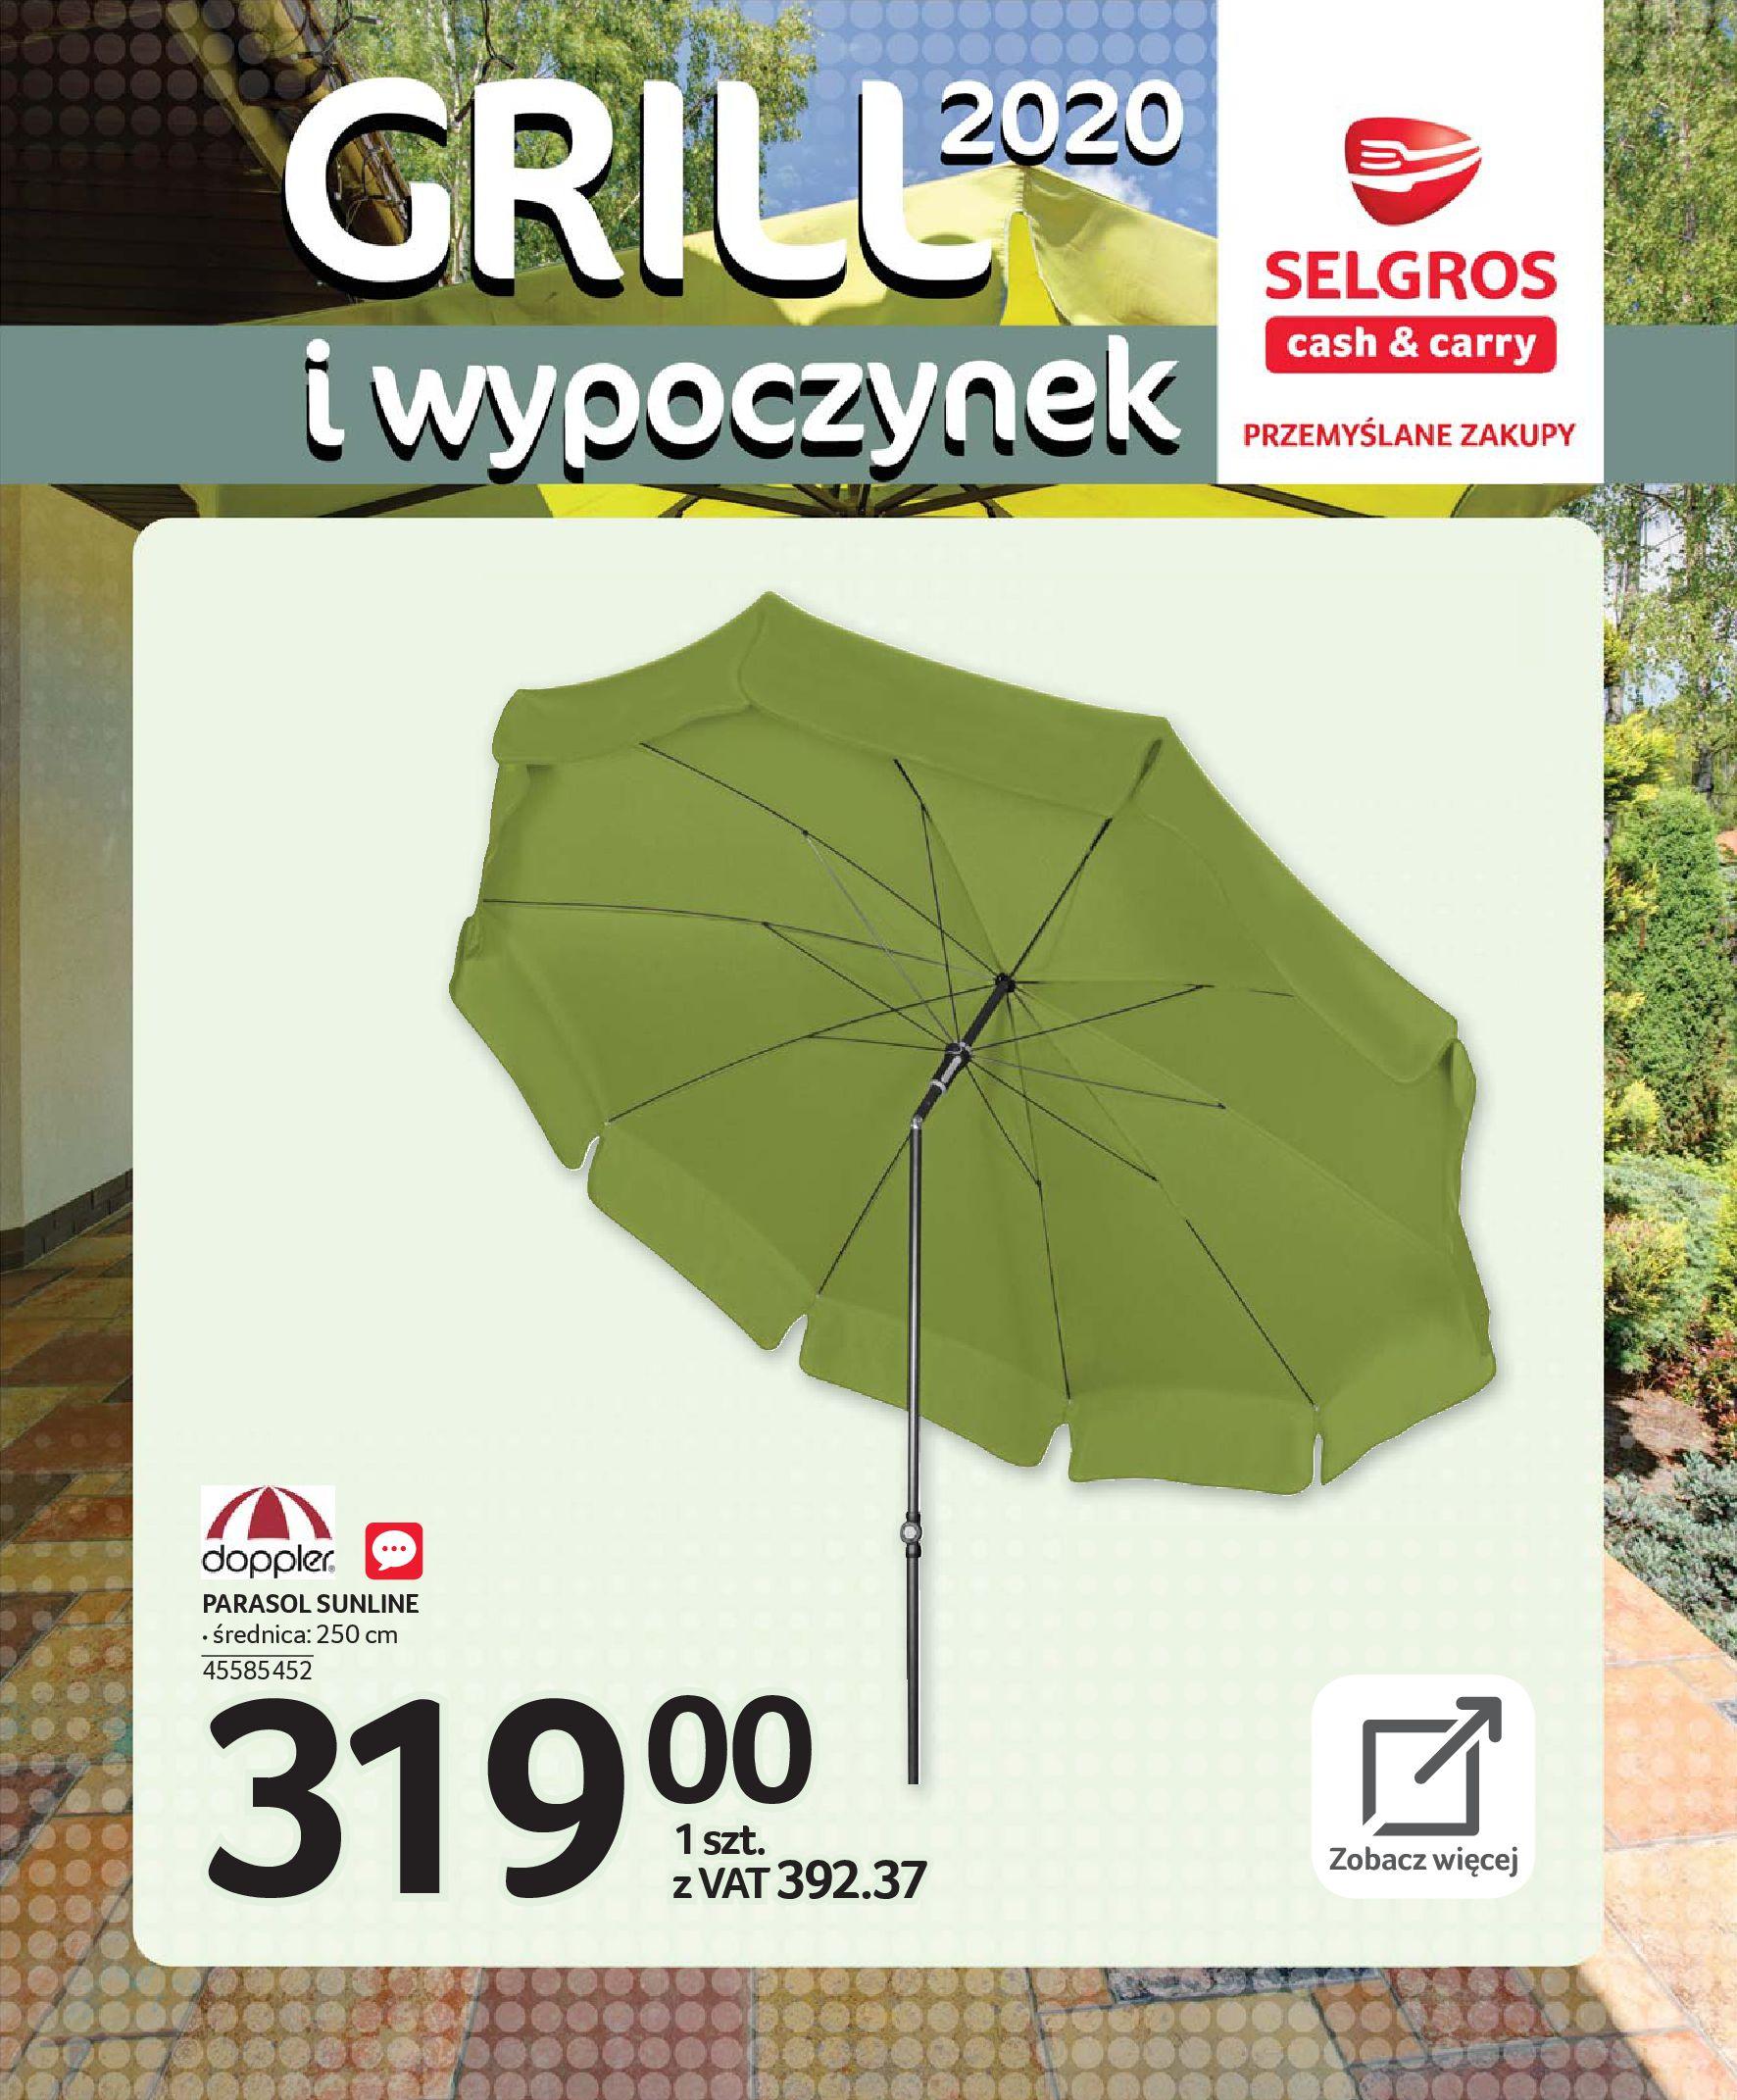 Gazetka Selgros - Katalog - Grill i wypoczynek-31.03.2020-31.08.2020-page-32